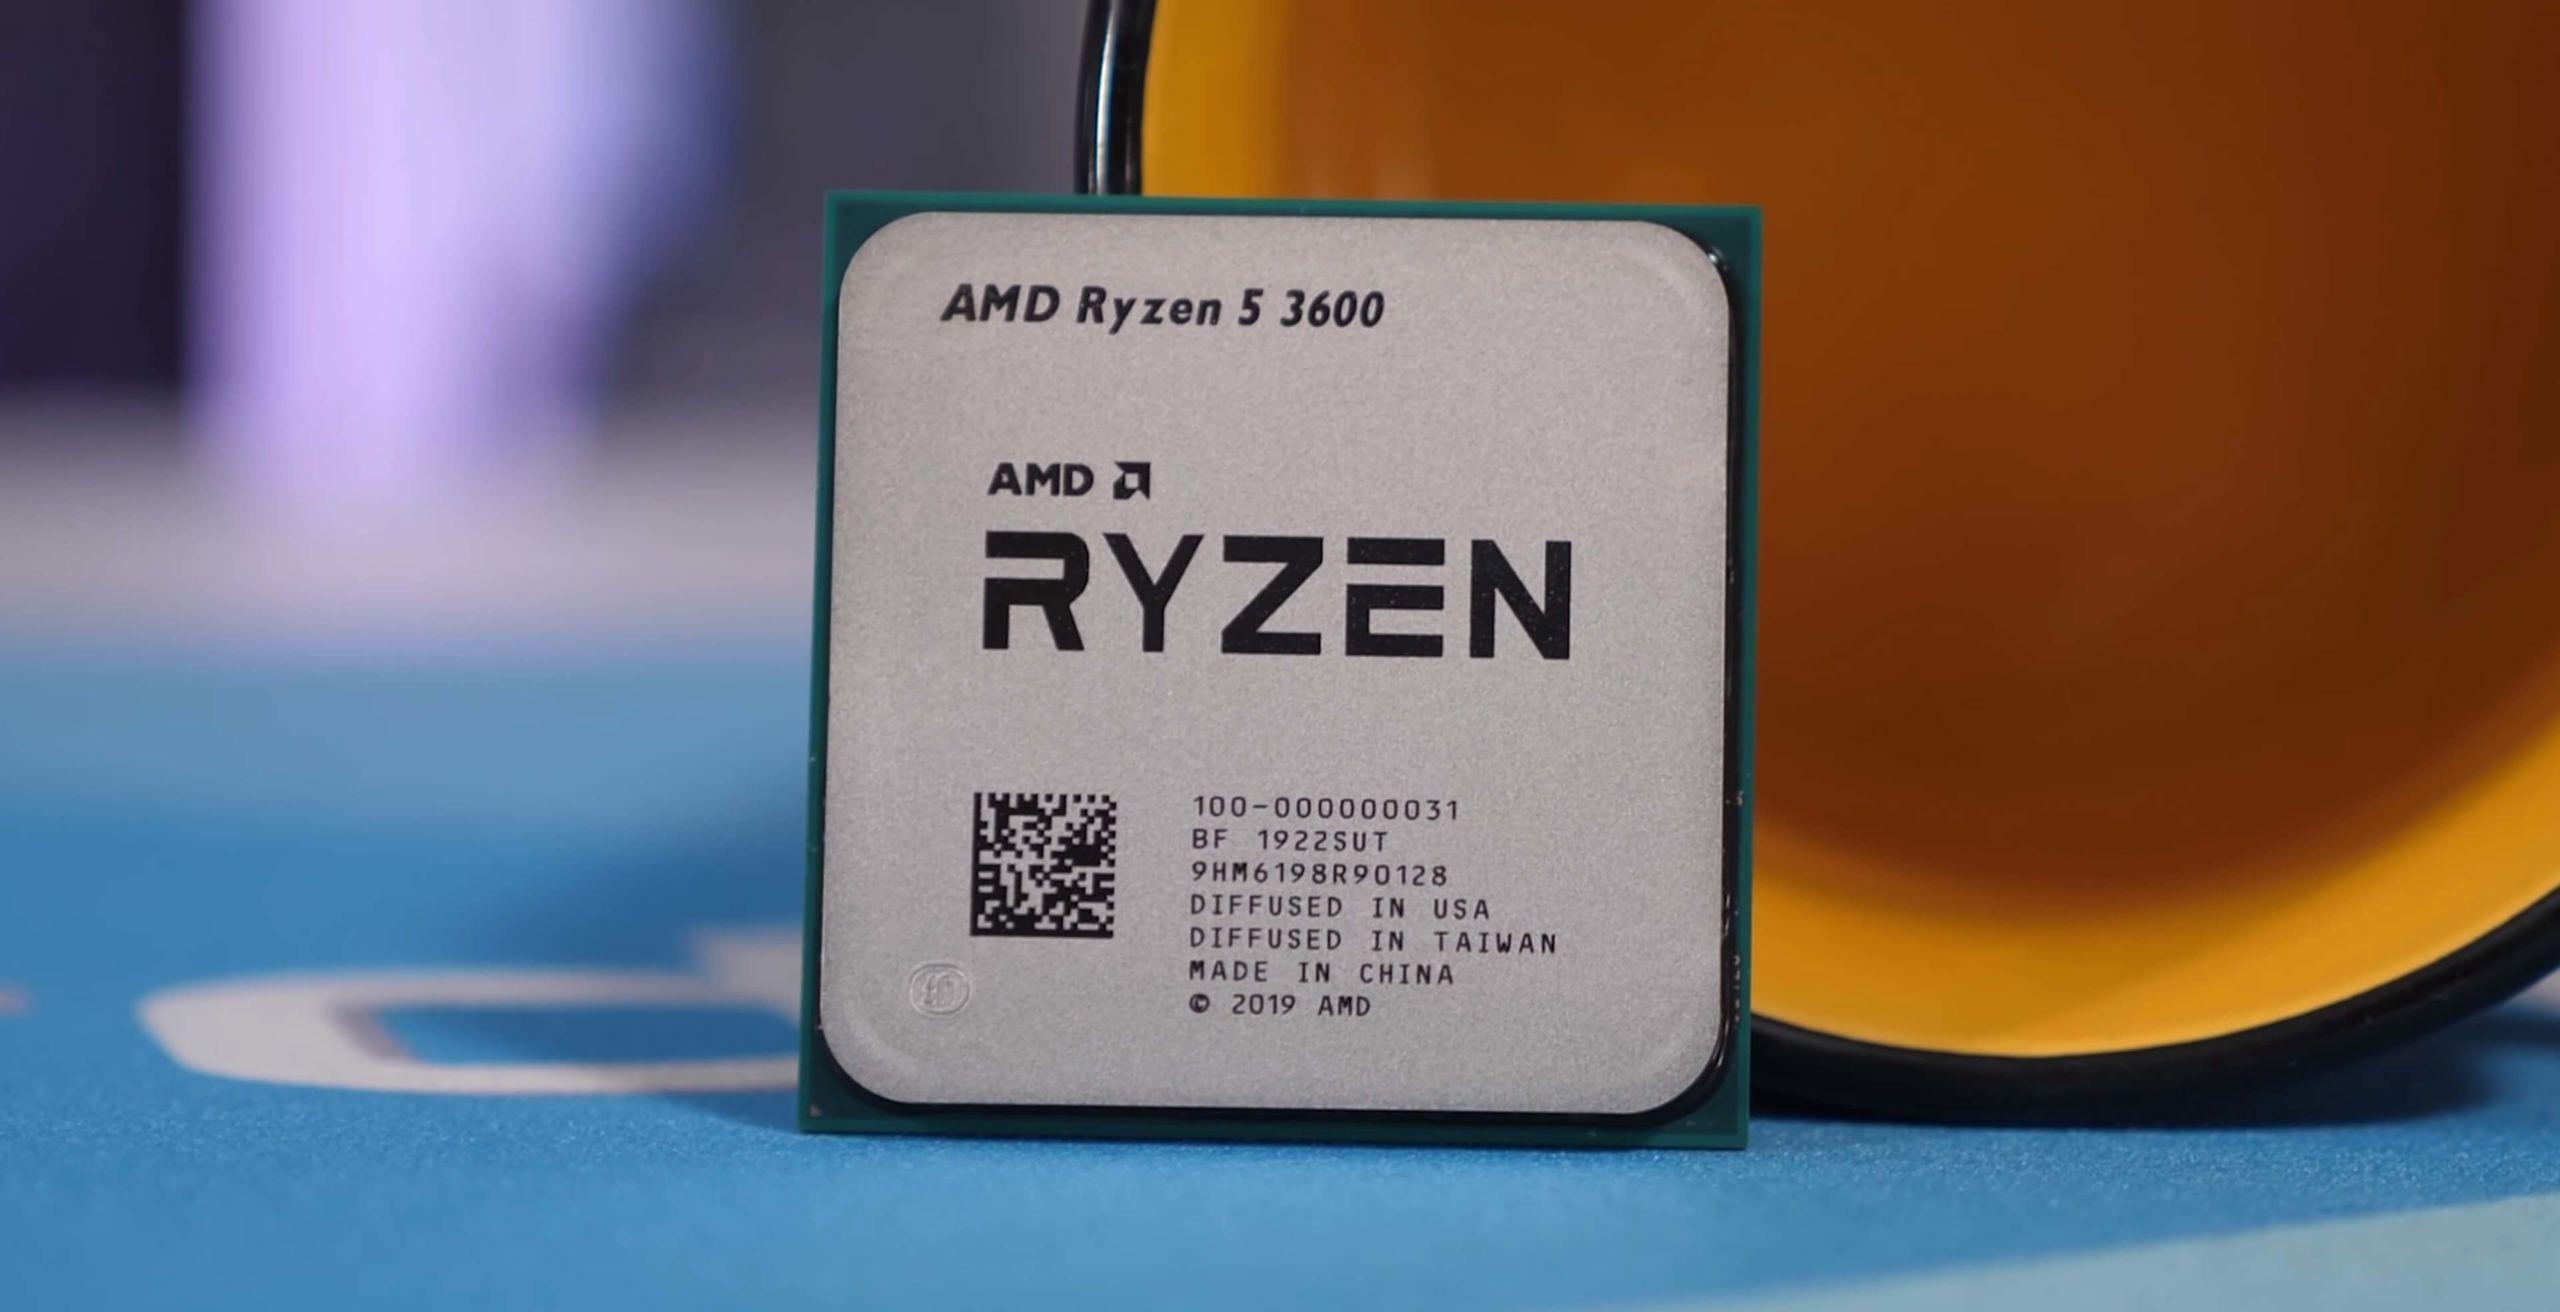 مراجعة معالج Amd Ryzen 5 3600 المعالج الأكثر مبيعا في أمازو Motherboards Memory Stick Ddr4